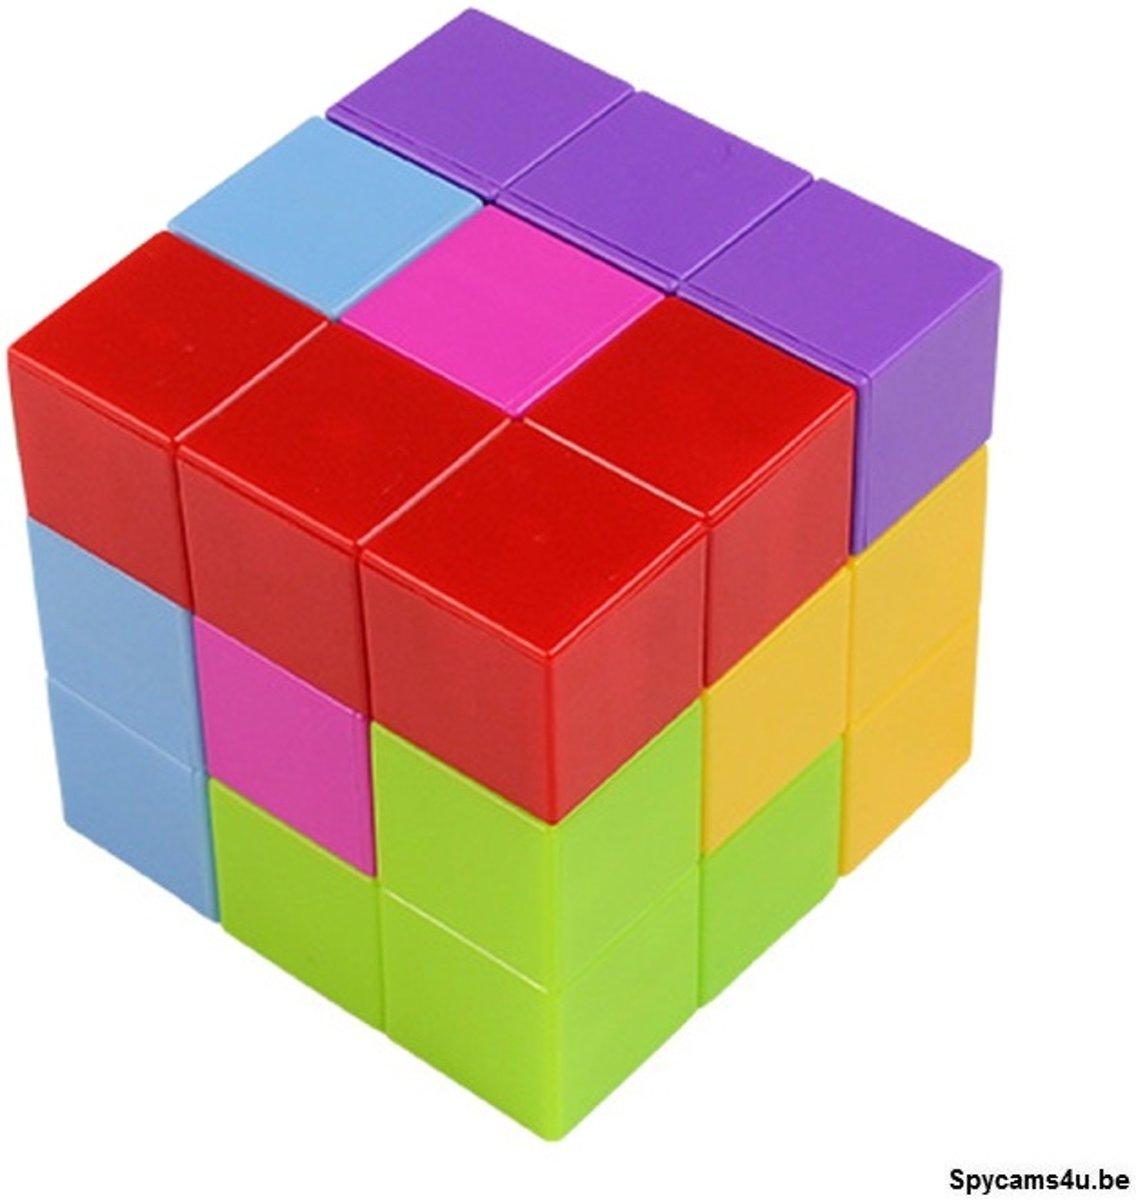 Magnetische kubus - Fidget kubus magnetisch - Puzzel kubus speelgoed - Magische kubus - Fidget magische kubus